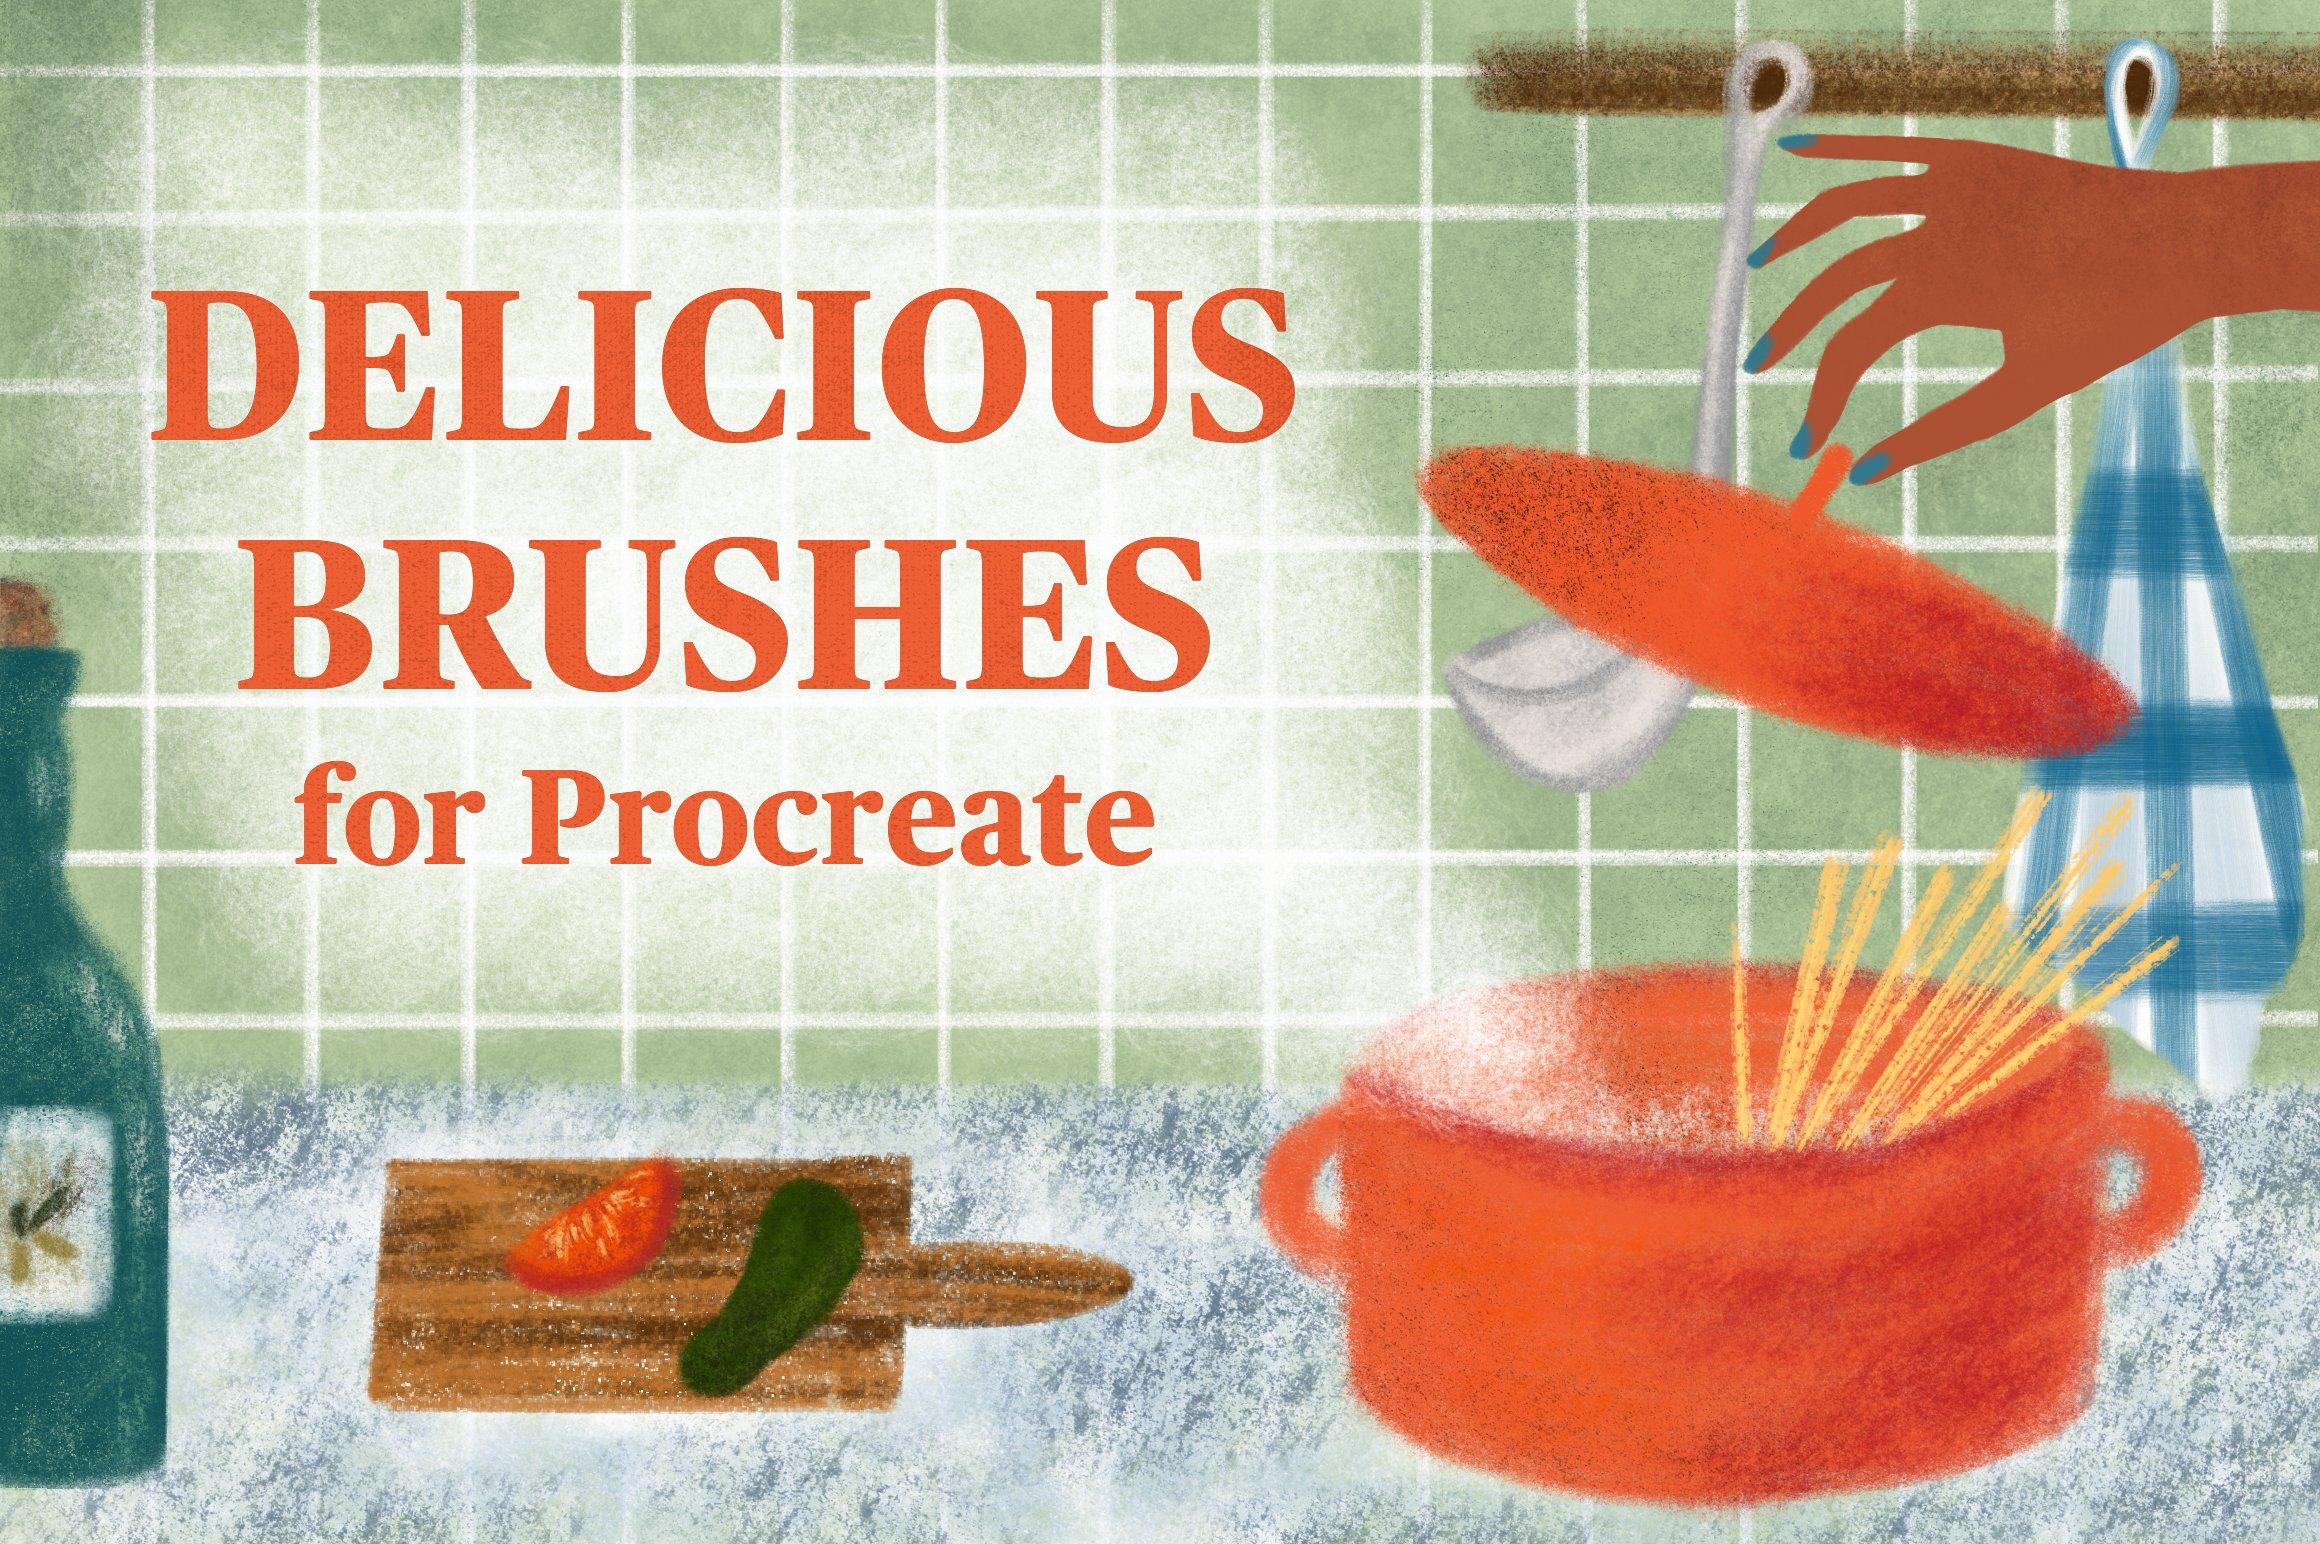 15套逼真铅笔蜡笔Procreate笔刷纹理着色器素材套装 Procreate Brushes Megabundle插图12